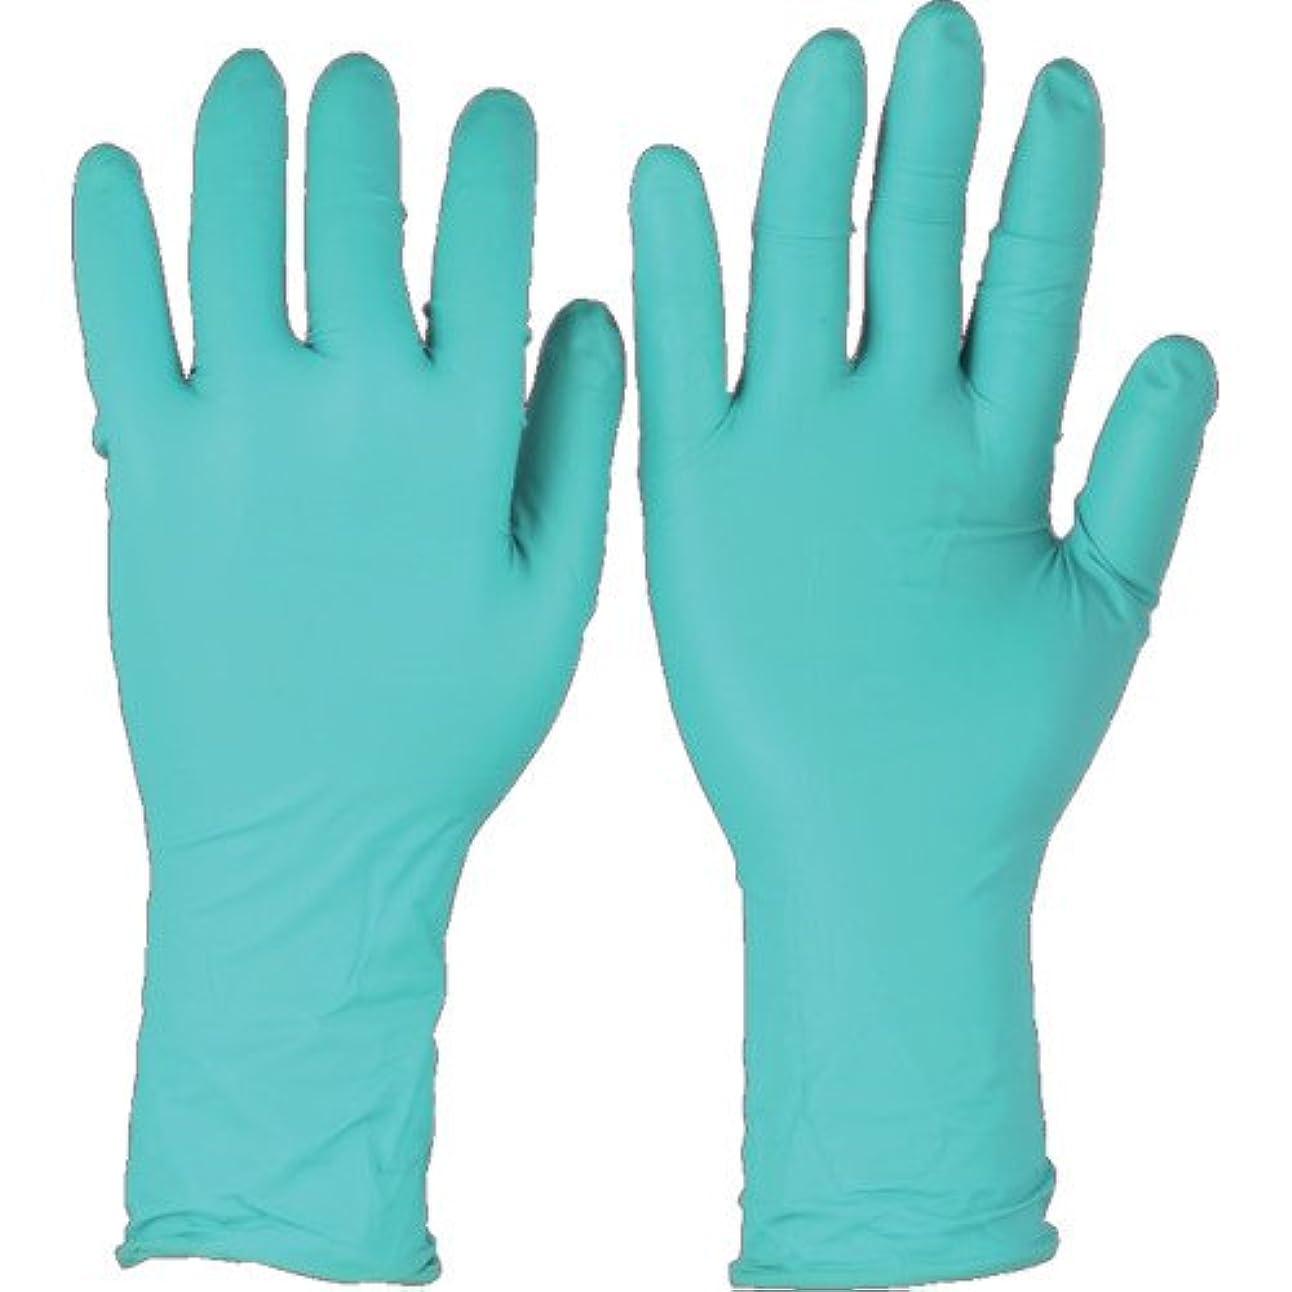 虫を数える議論する震えトラスコ中山 アンセル ネオプレンゴム使い捨て手袋 マイクロフレックス 93-260 XSサイズ (50枚入)  932606